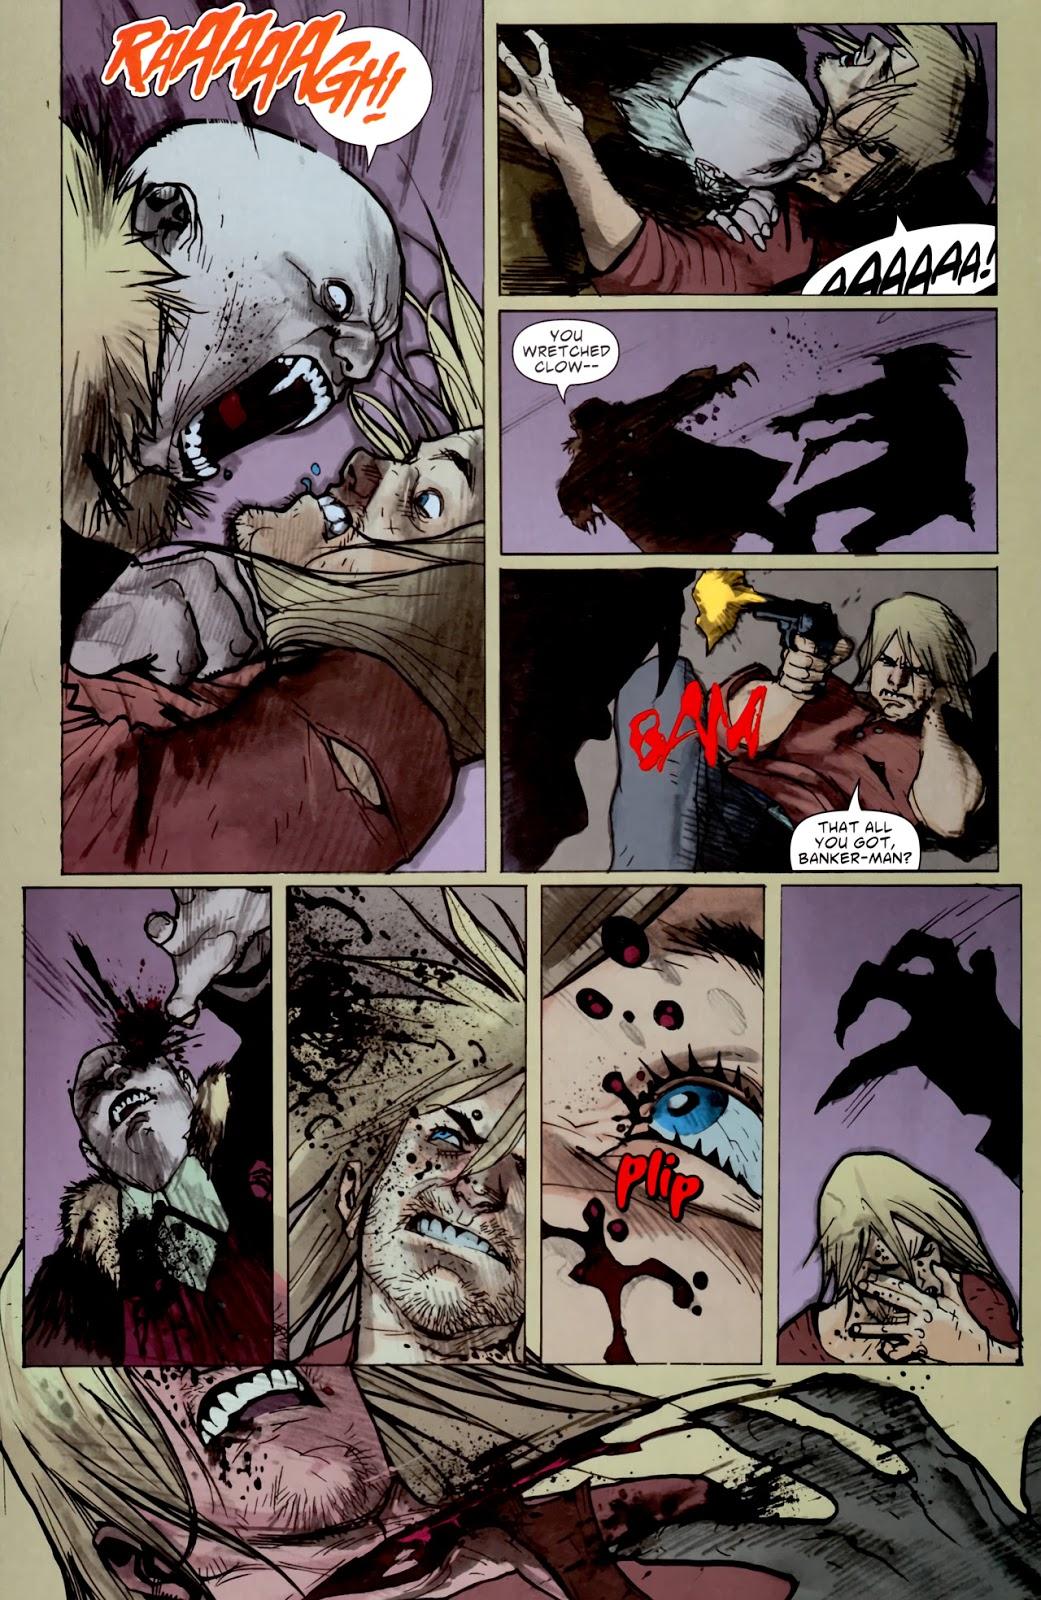 American Vampire 1 review